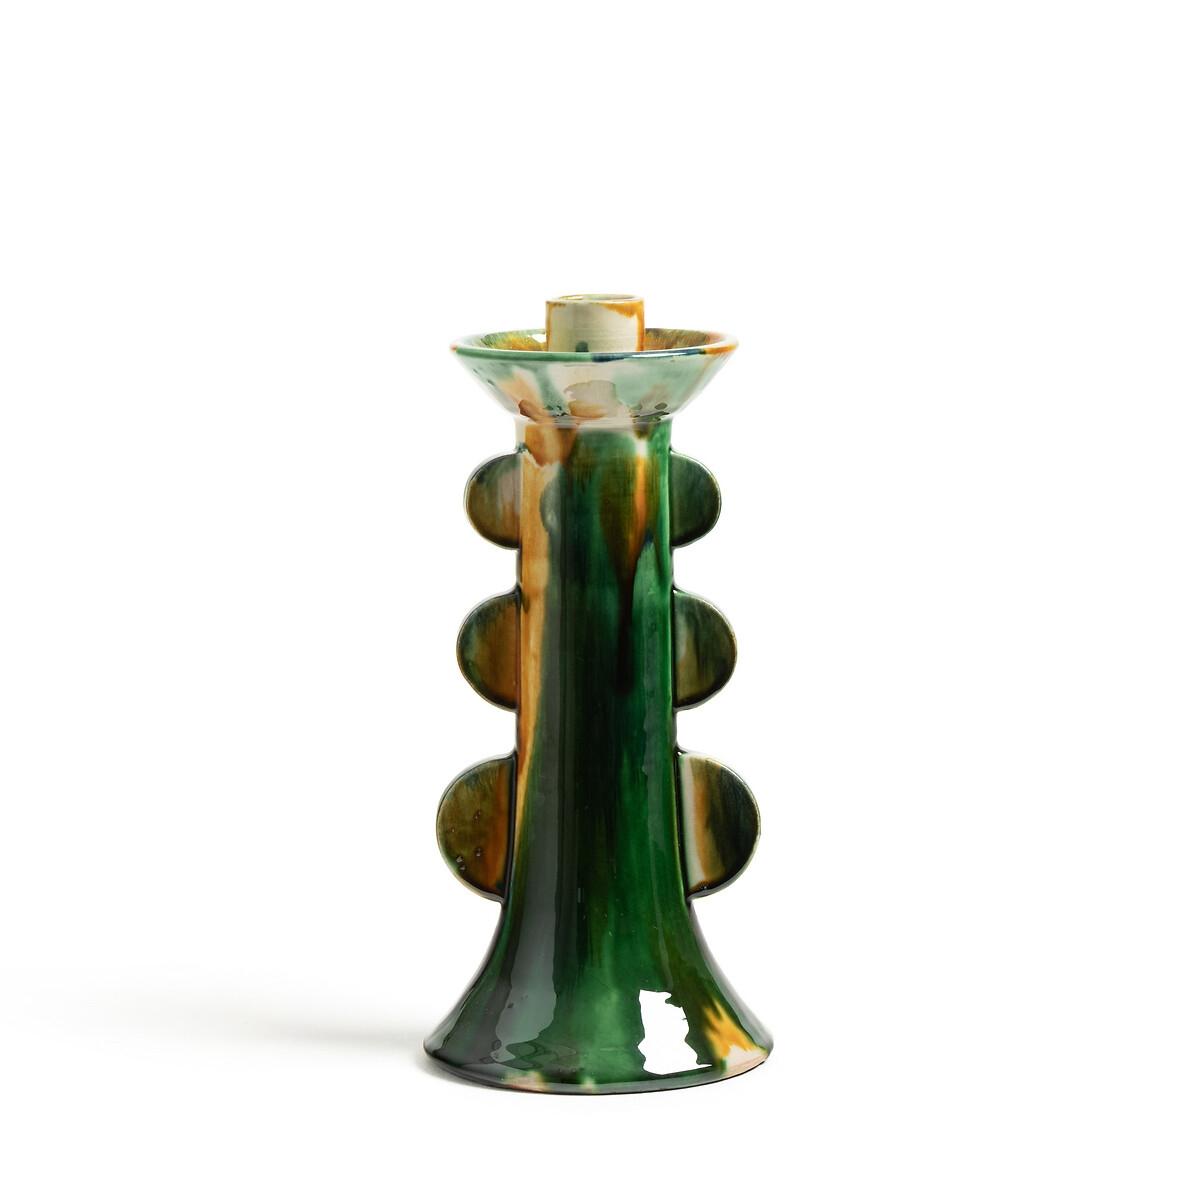 Подсвечник LaRedoute Из эмалированного фаянса В26 см Totem единый размер зеленый